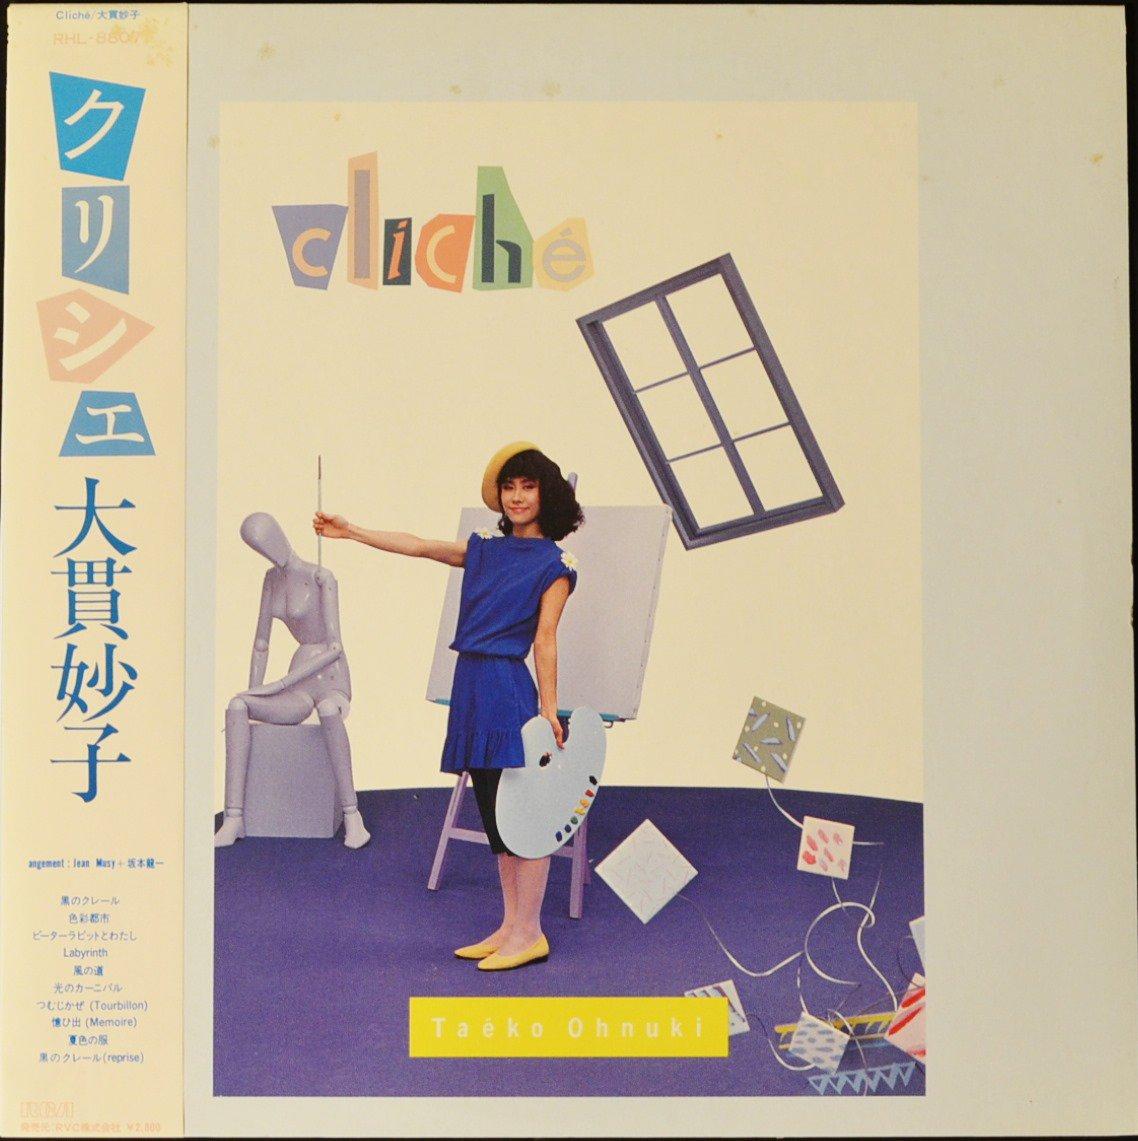 大貫妙子 TAEKO OHNUKI / クリシェ CLICHE (LP)